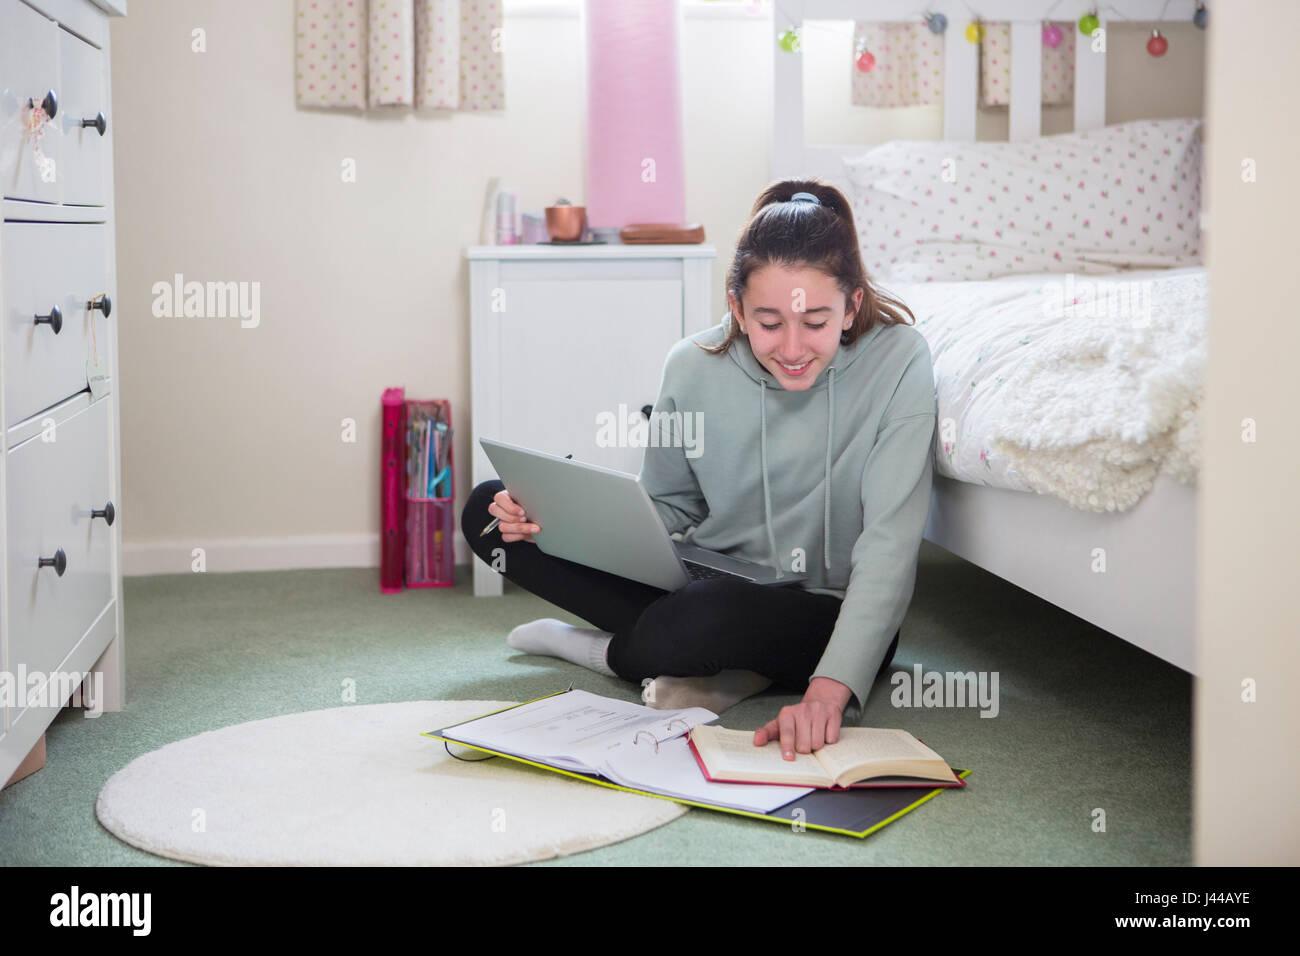 Niña sentada en el piso del dormitorio haciendo los deberes en el portátil Imagen De Stock